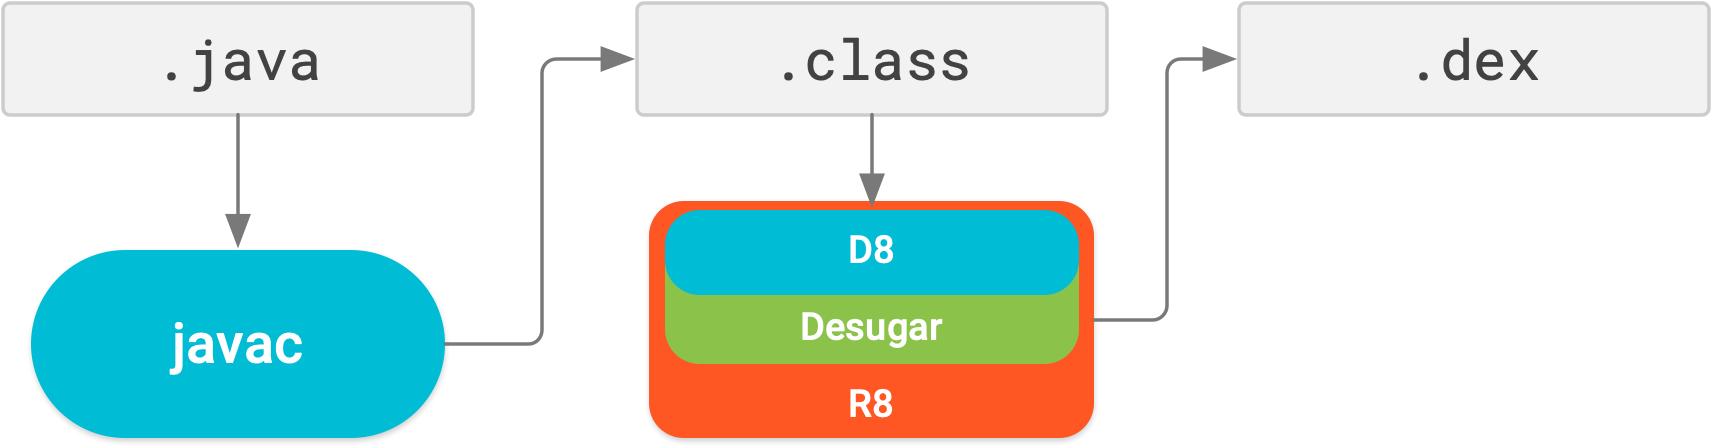 有了 R8,可以在一个编译步骤中执行脱糖、压缩、混淆、优化和 dex 处理。